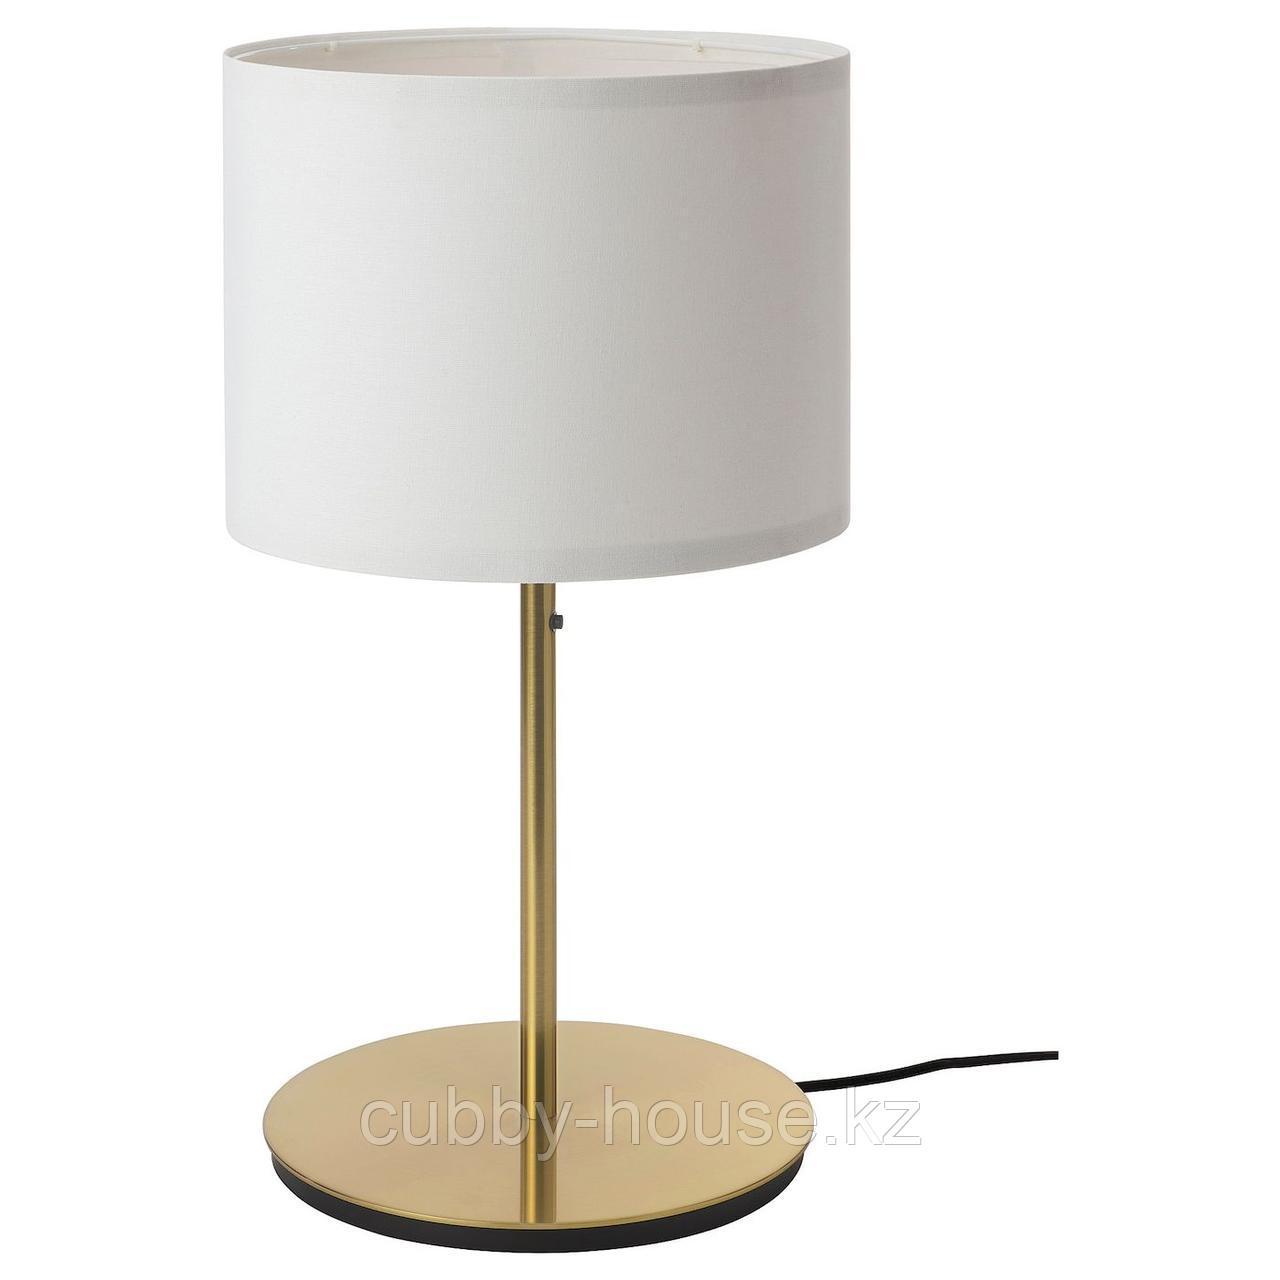 РИНГСТА / СКАФТЕТ Лампа настольная, белый, латунь, 56 см